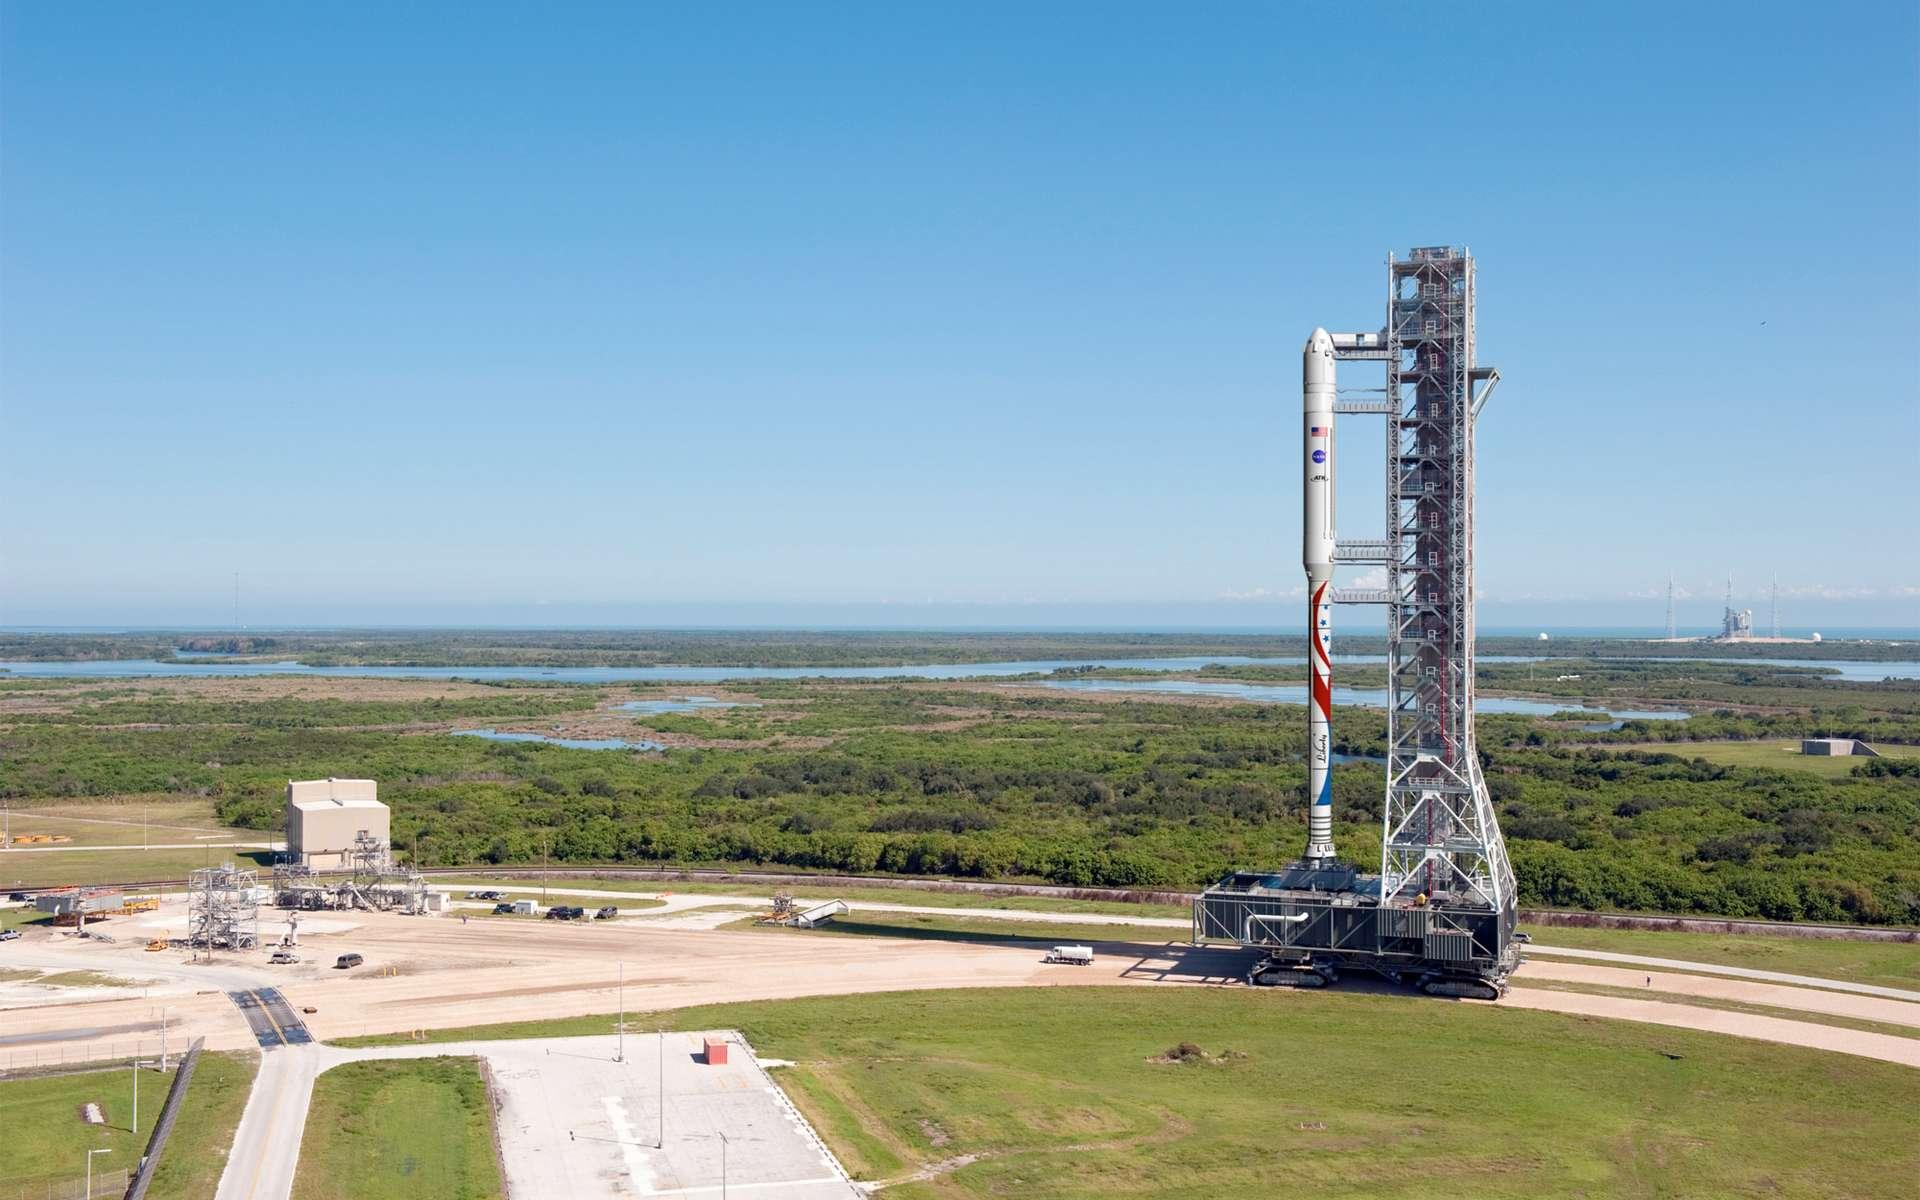 La capsule habitable du lanceur Liberty, que développent ensemble ATK et Astrium, ne sera pas seulement utilisée pour transporter des astronautes à destination de l'ISS. Elle sera commercialisée à qui voudra bien s'acquitter d'une cinquantaine de millions de dollars pour faire des petits séjours dans l'espace. © ATK